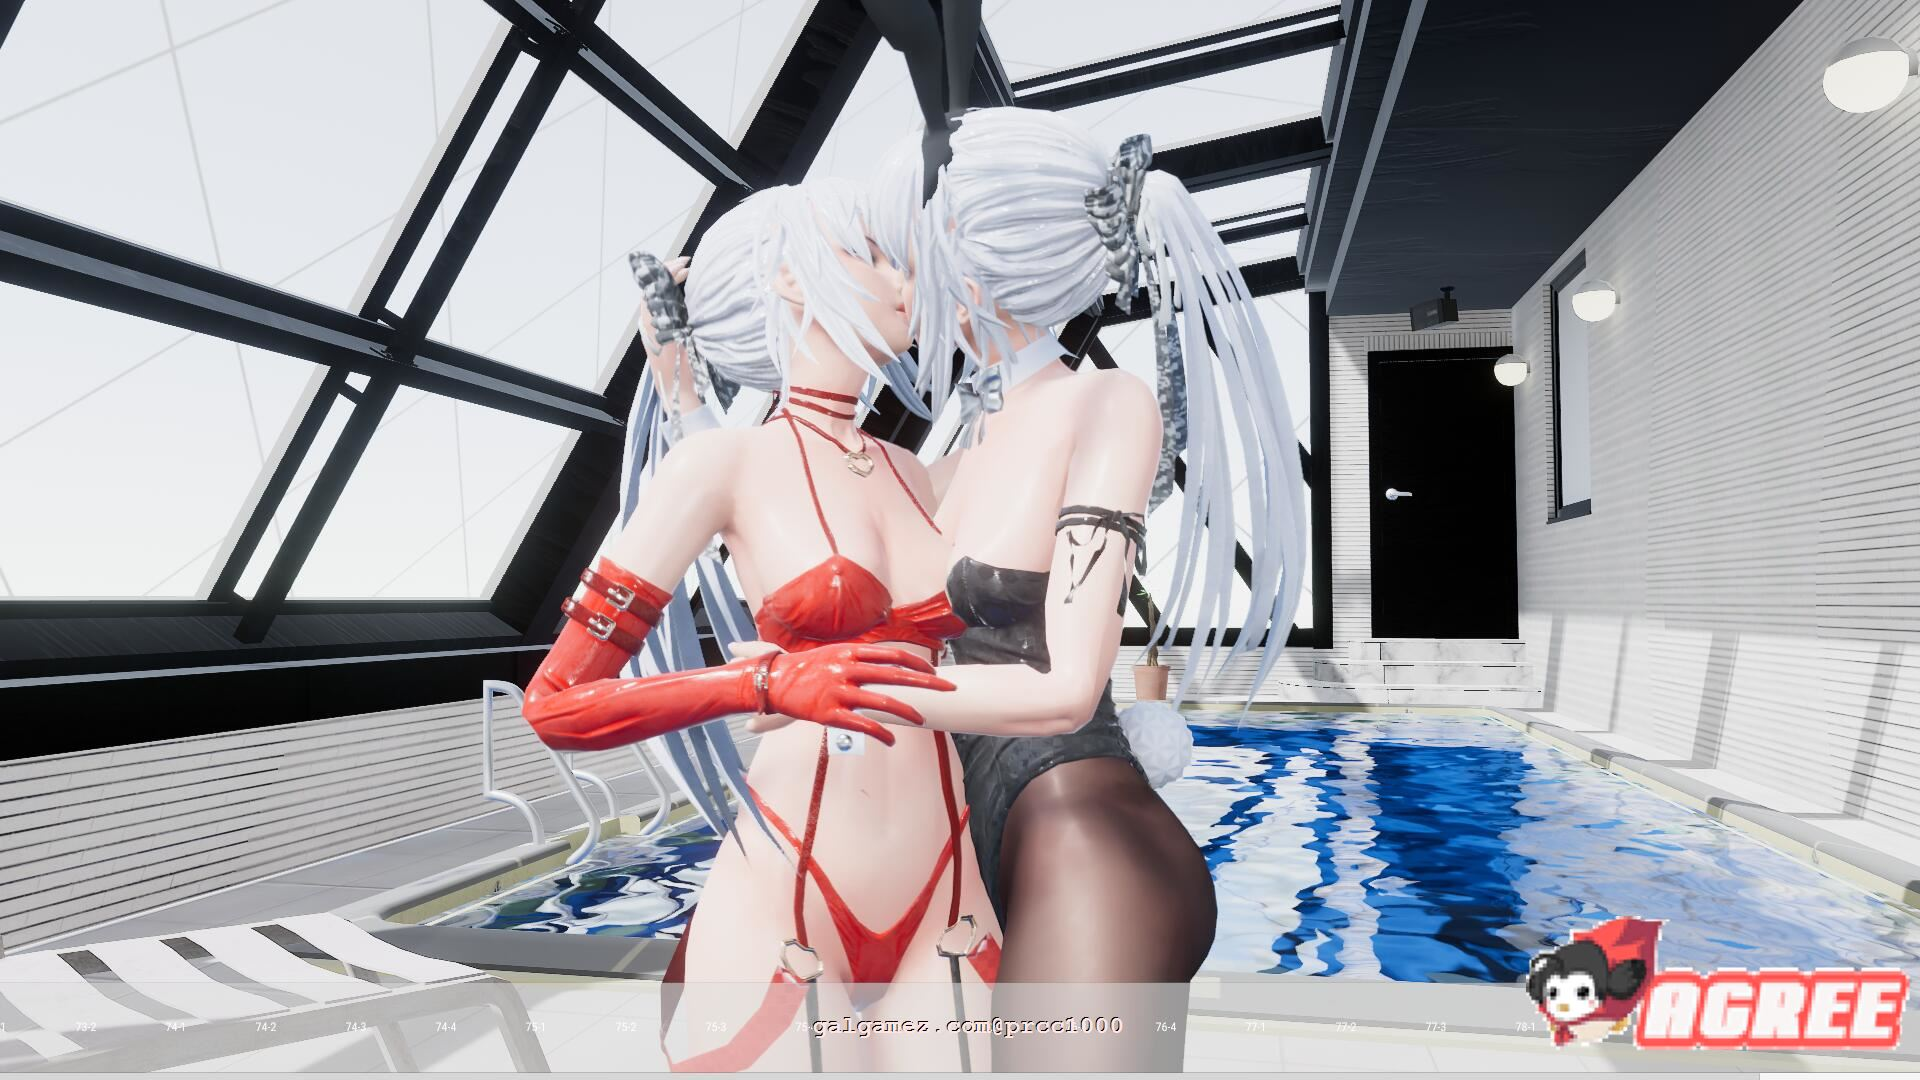 【极品ACT/中文】SwordxHime剑姬无双V1.12 官方中文步兵版/付全存档【8G/更新/全CV】 4